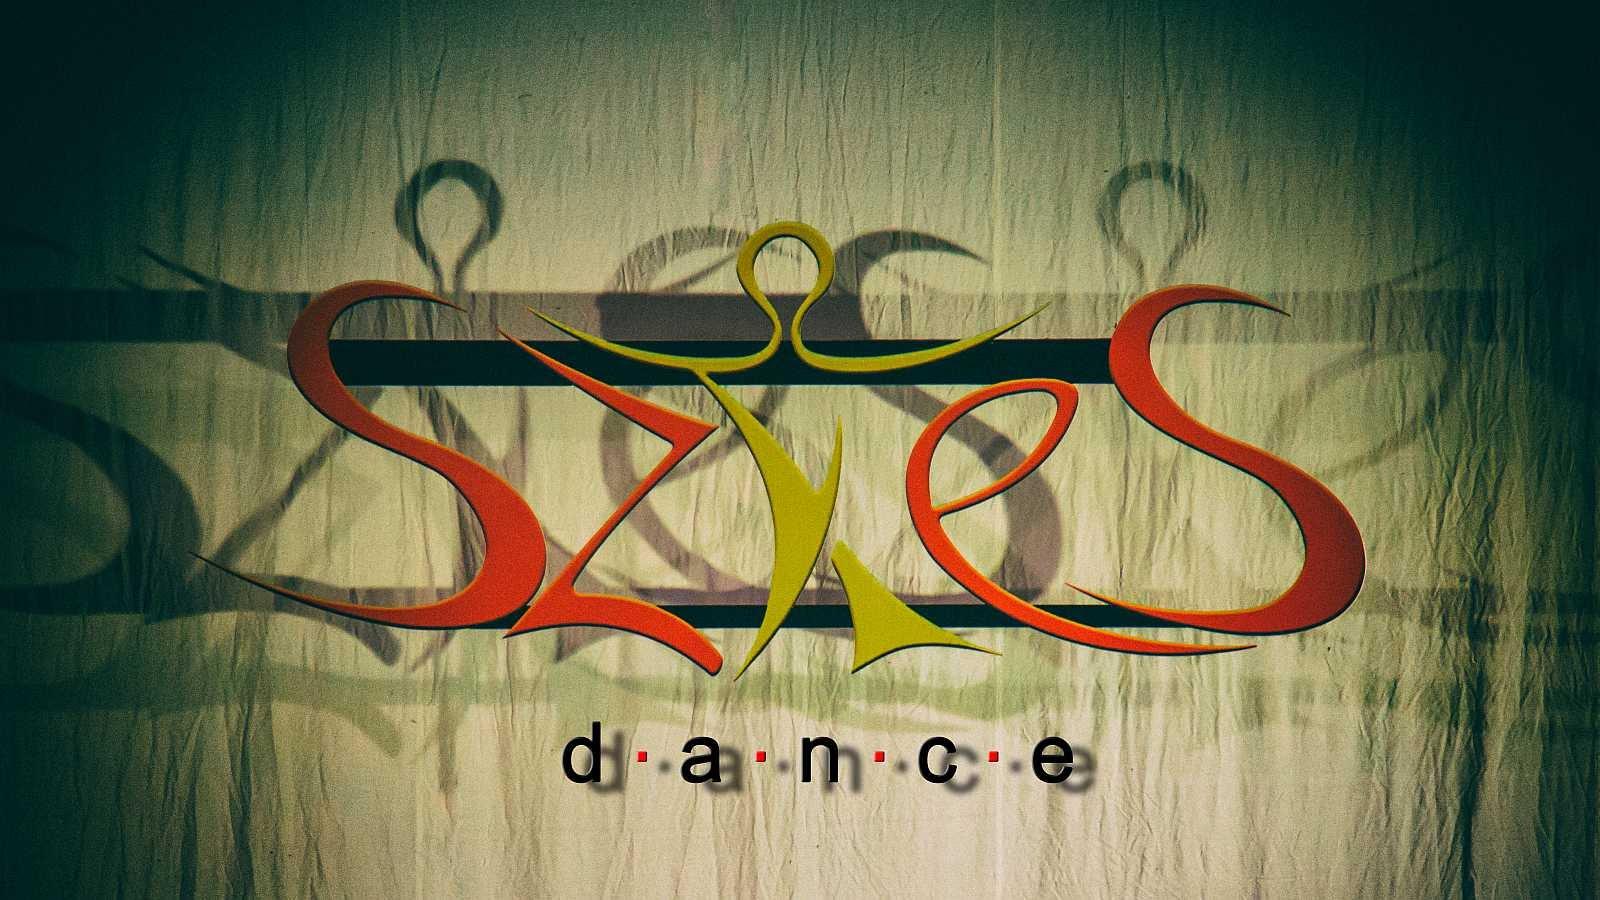 Honvéd Kaszinó SZKES Dance Tánccsoport modern tánc tanfolyamot hirdet